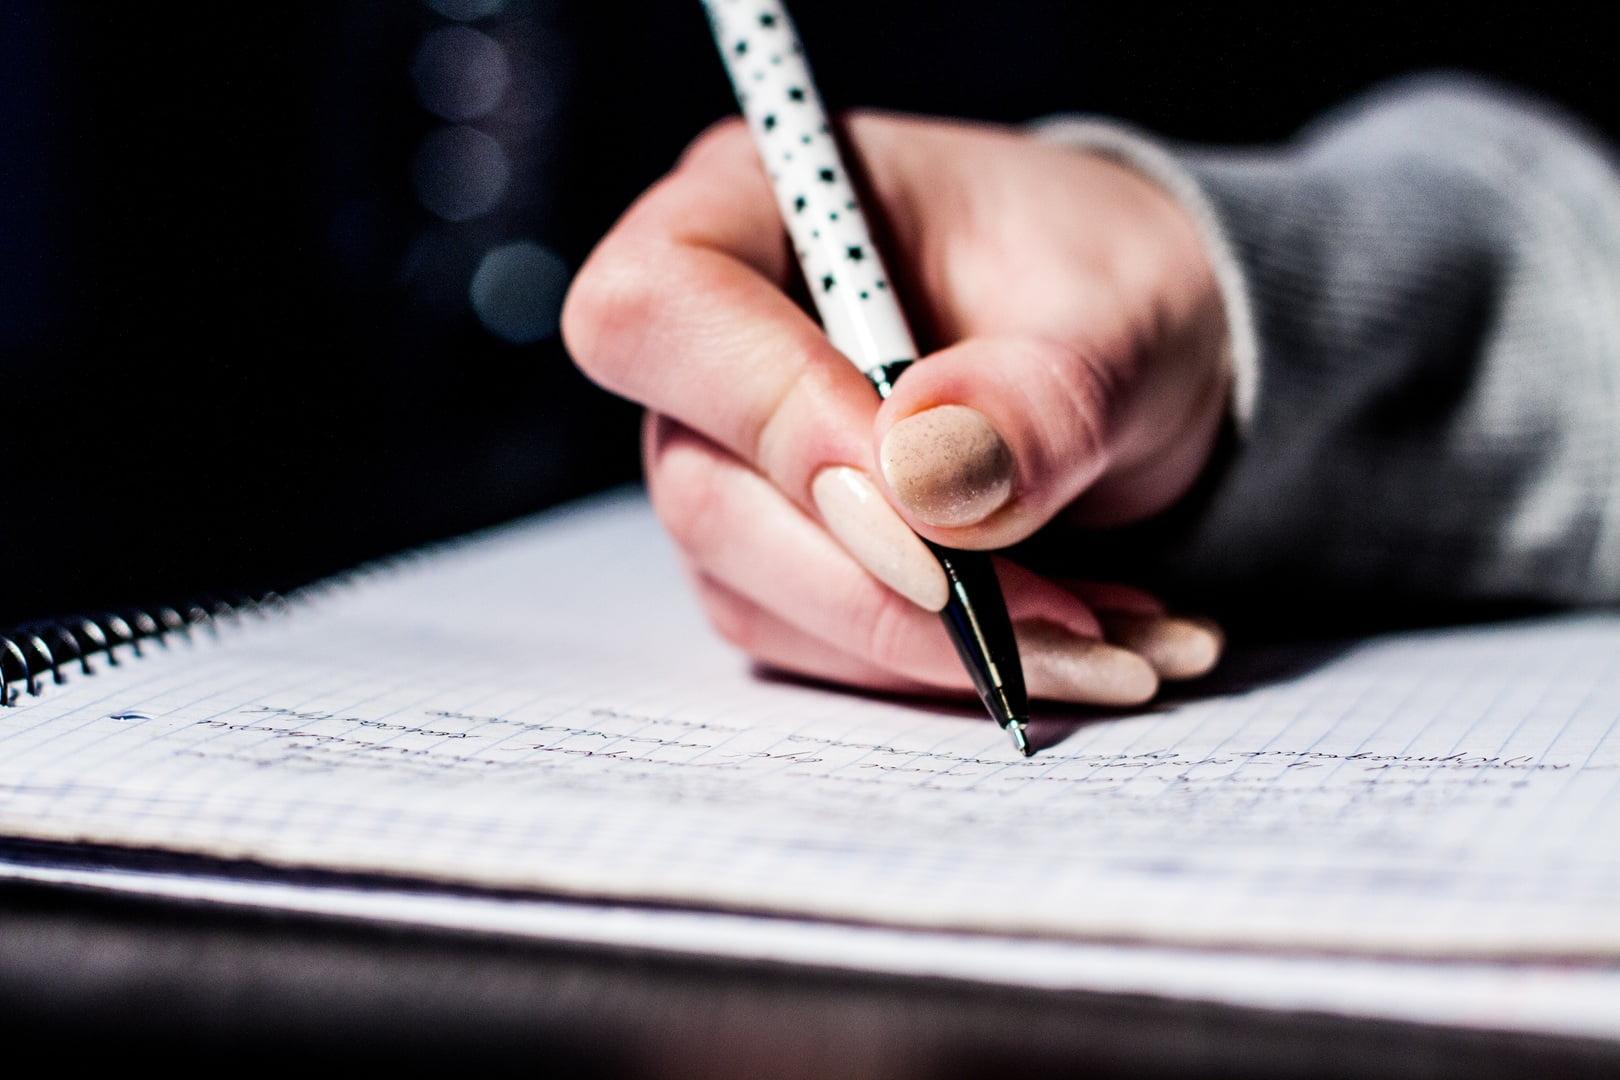 Cómo mejorar la concentración estudiando